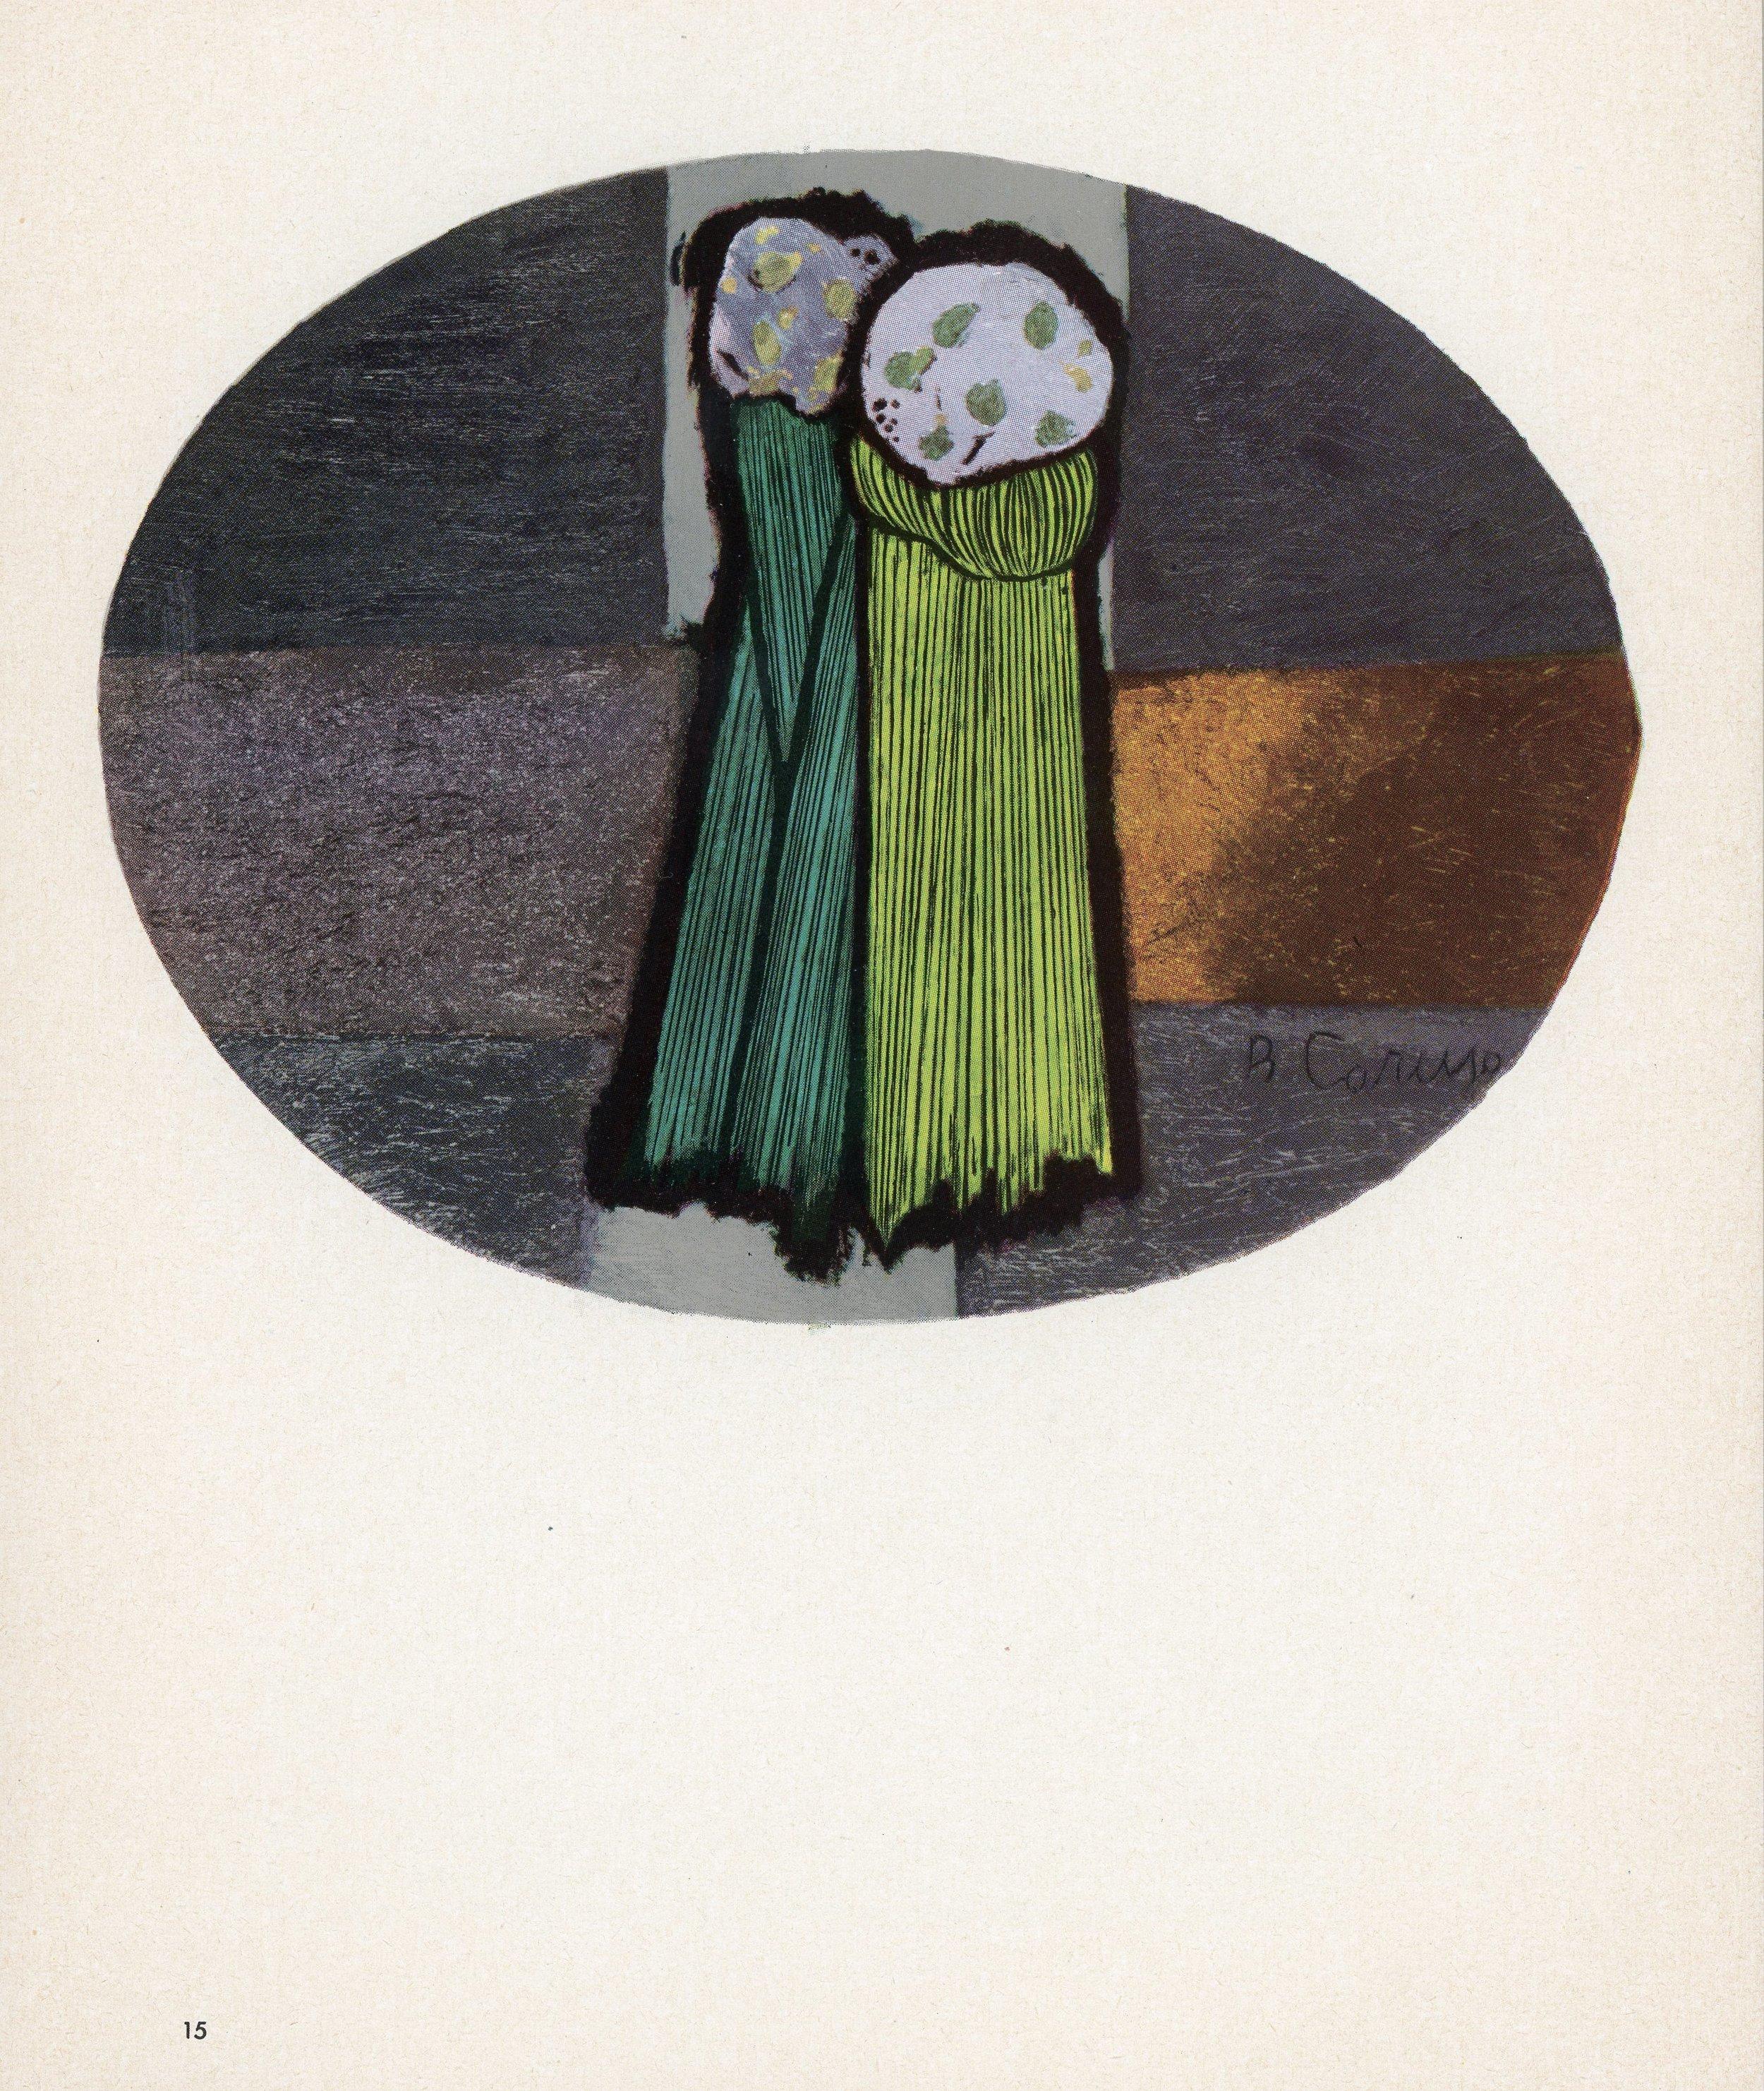 1959-06 Rive Gauche - Bruno Caruso_11.jpg